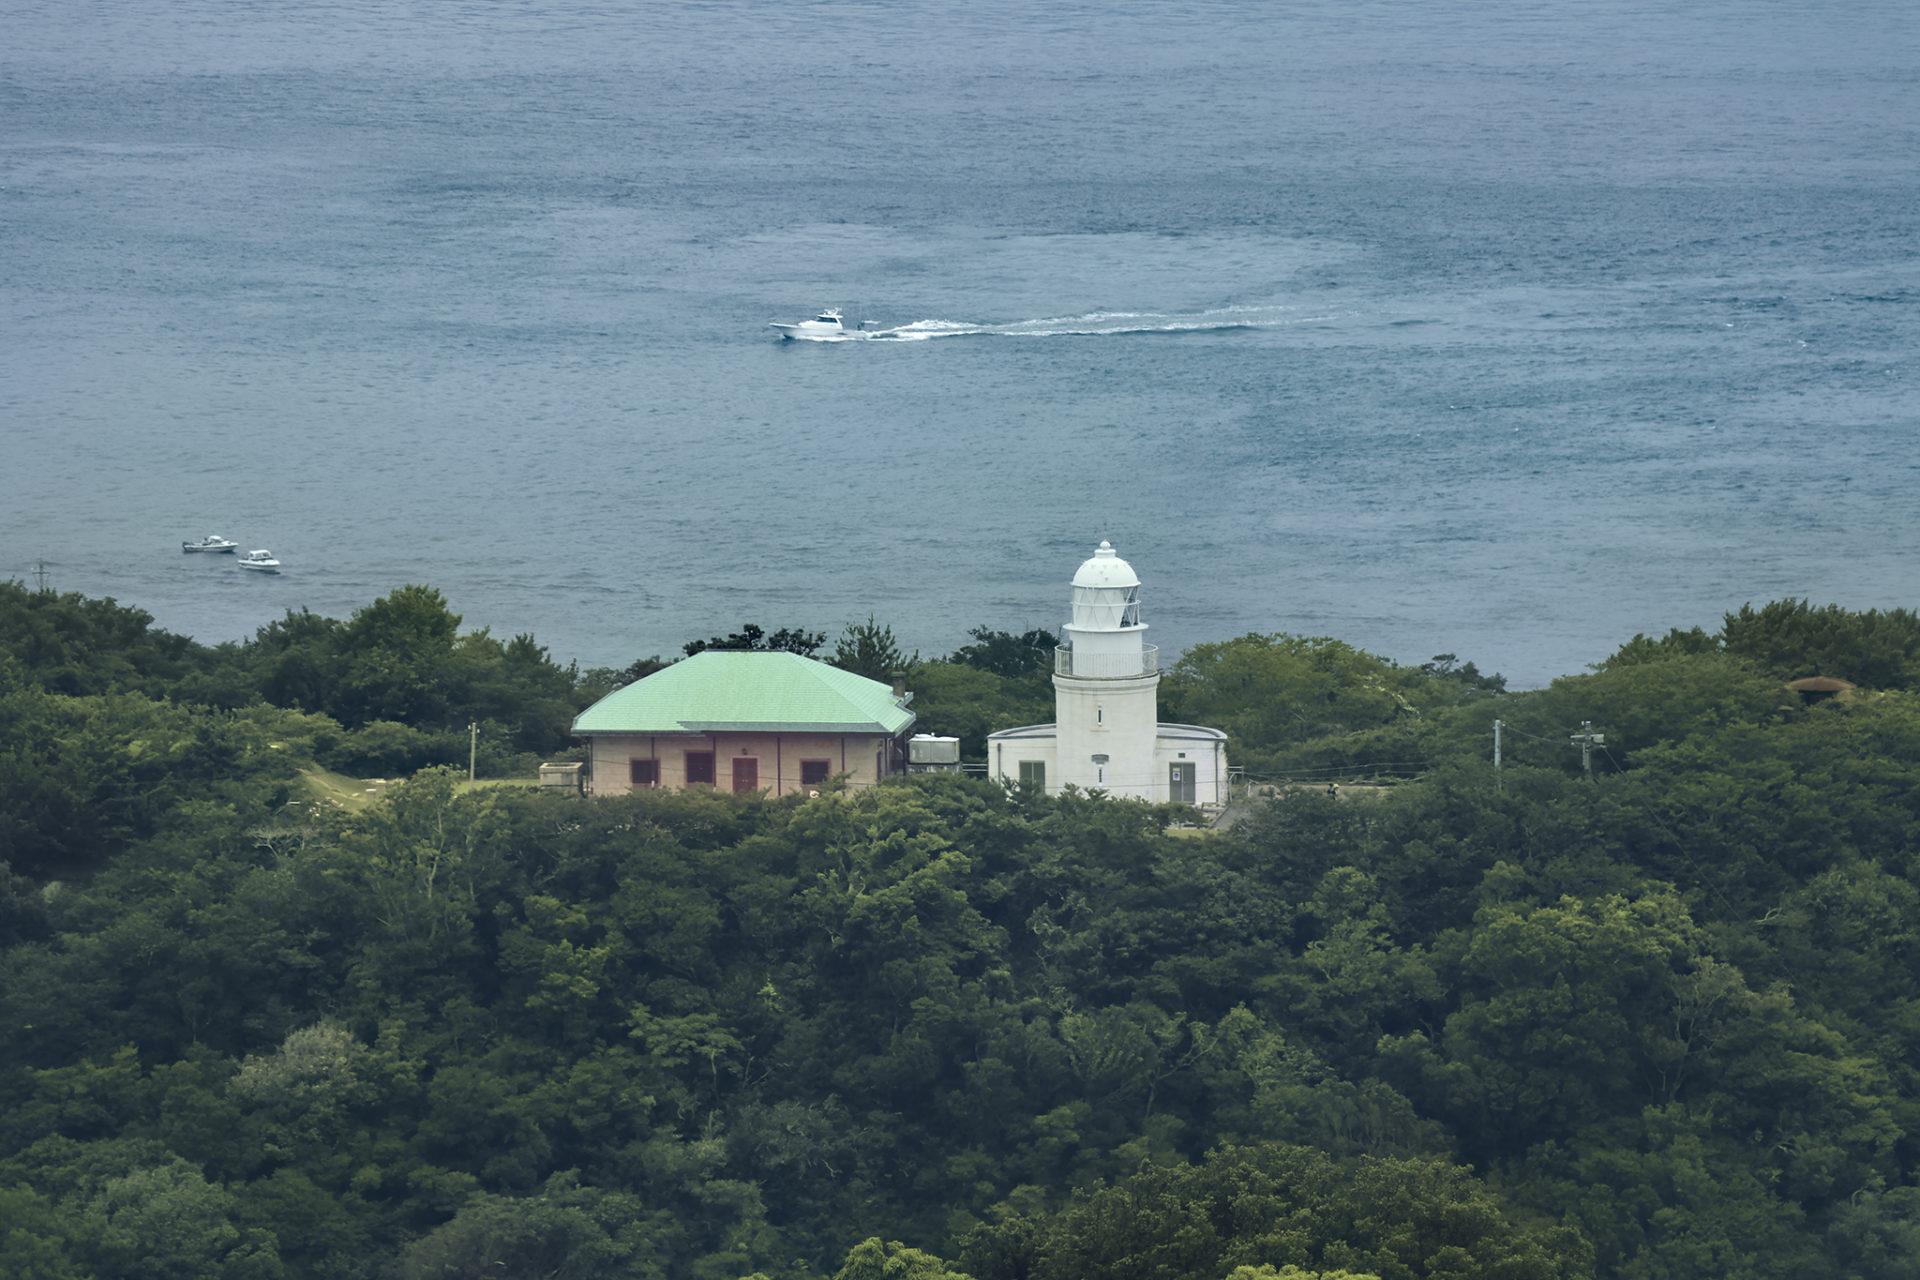 高台から友が島灯台を望む風景